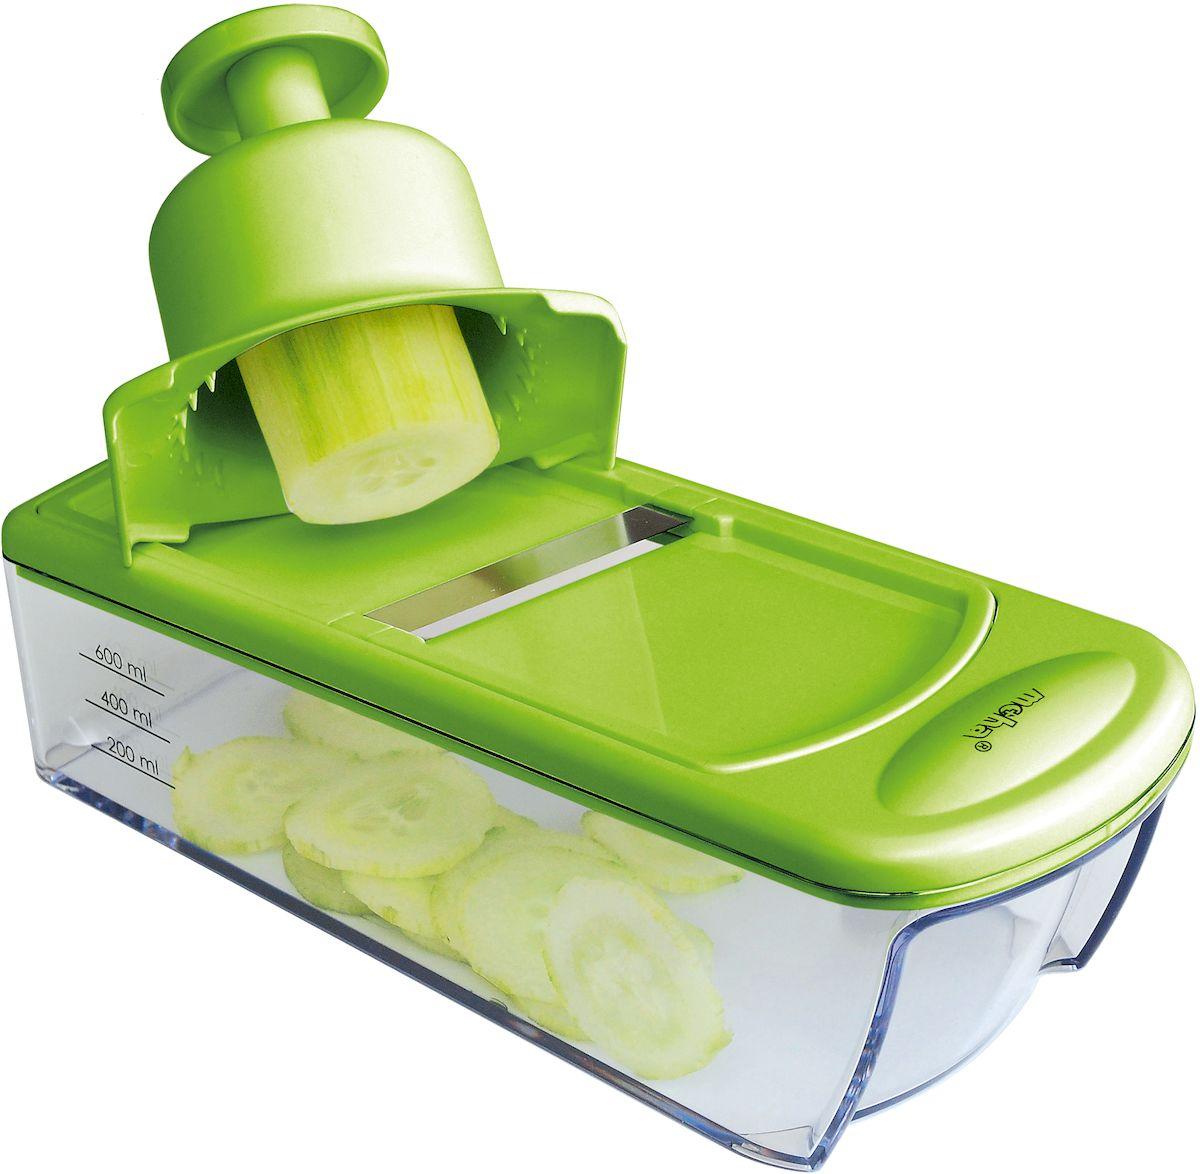 Терка для овощей Moha Mandolinetta, с толкателем безопасности и 4 сменными лезвиями, цвет: зеленый25225Терка для овощей Moha Mandolinetta с 4 съемными насадками для различных режимов измельчения выполнена из пластика и стали. В комплекте контейнер для удобства использования, а также держатель для овощей - защиты пальцев рук.